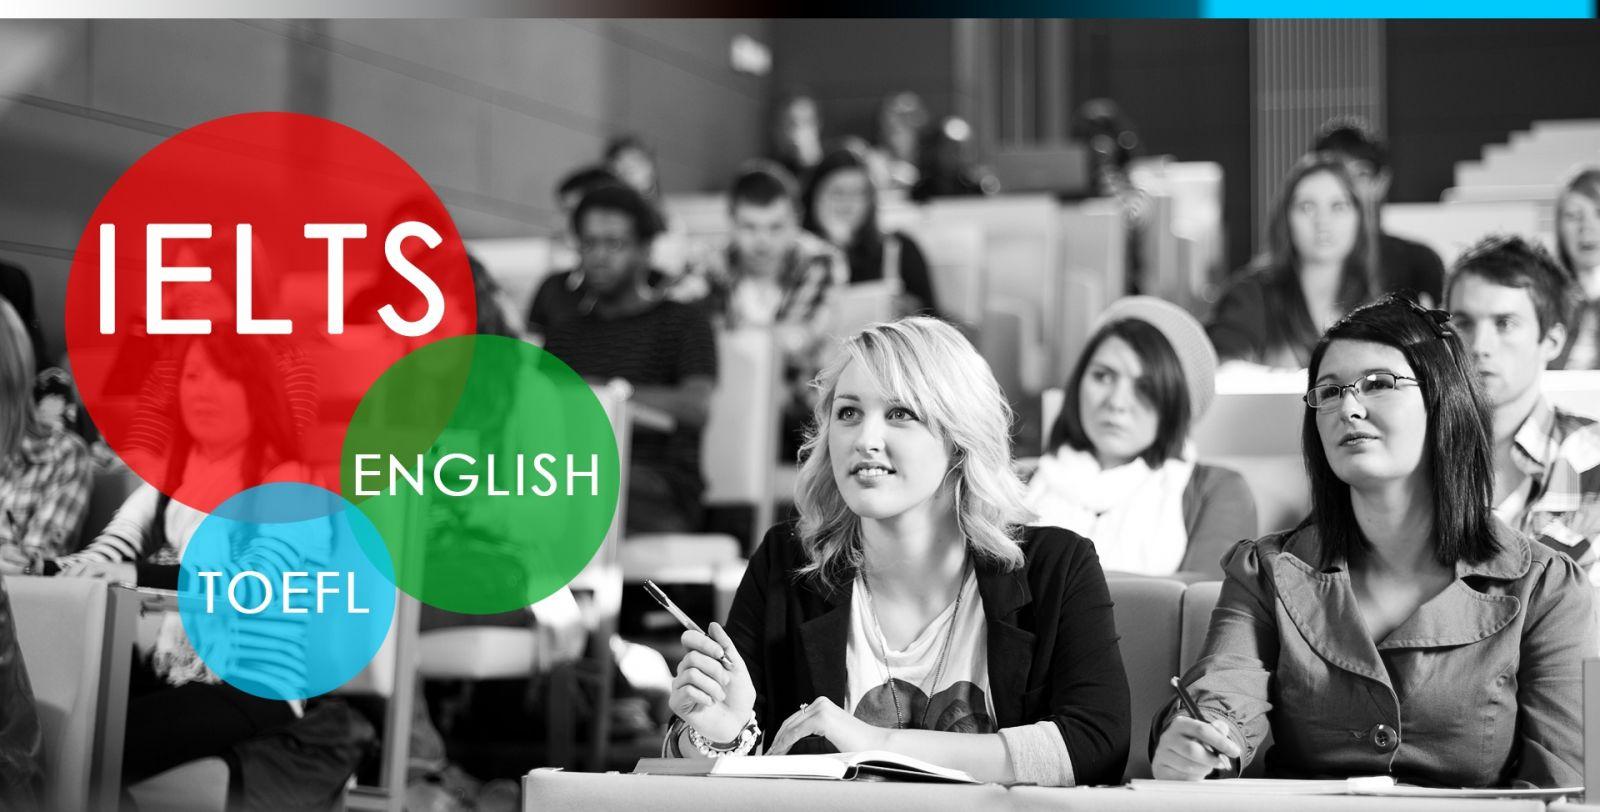 IELTS-д бэлдэгчдэд зориулсан ҮНЭГҮЙ онлайн сургалтууд